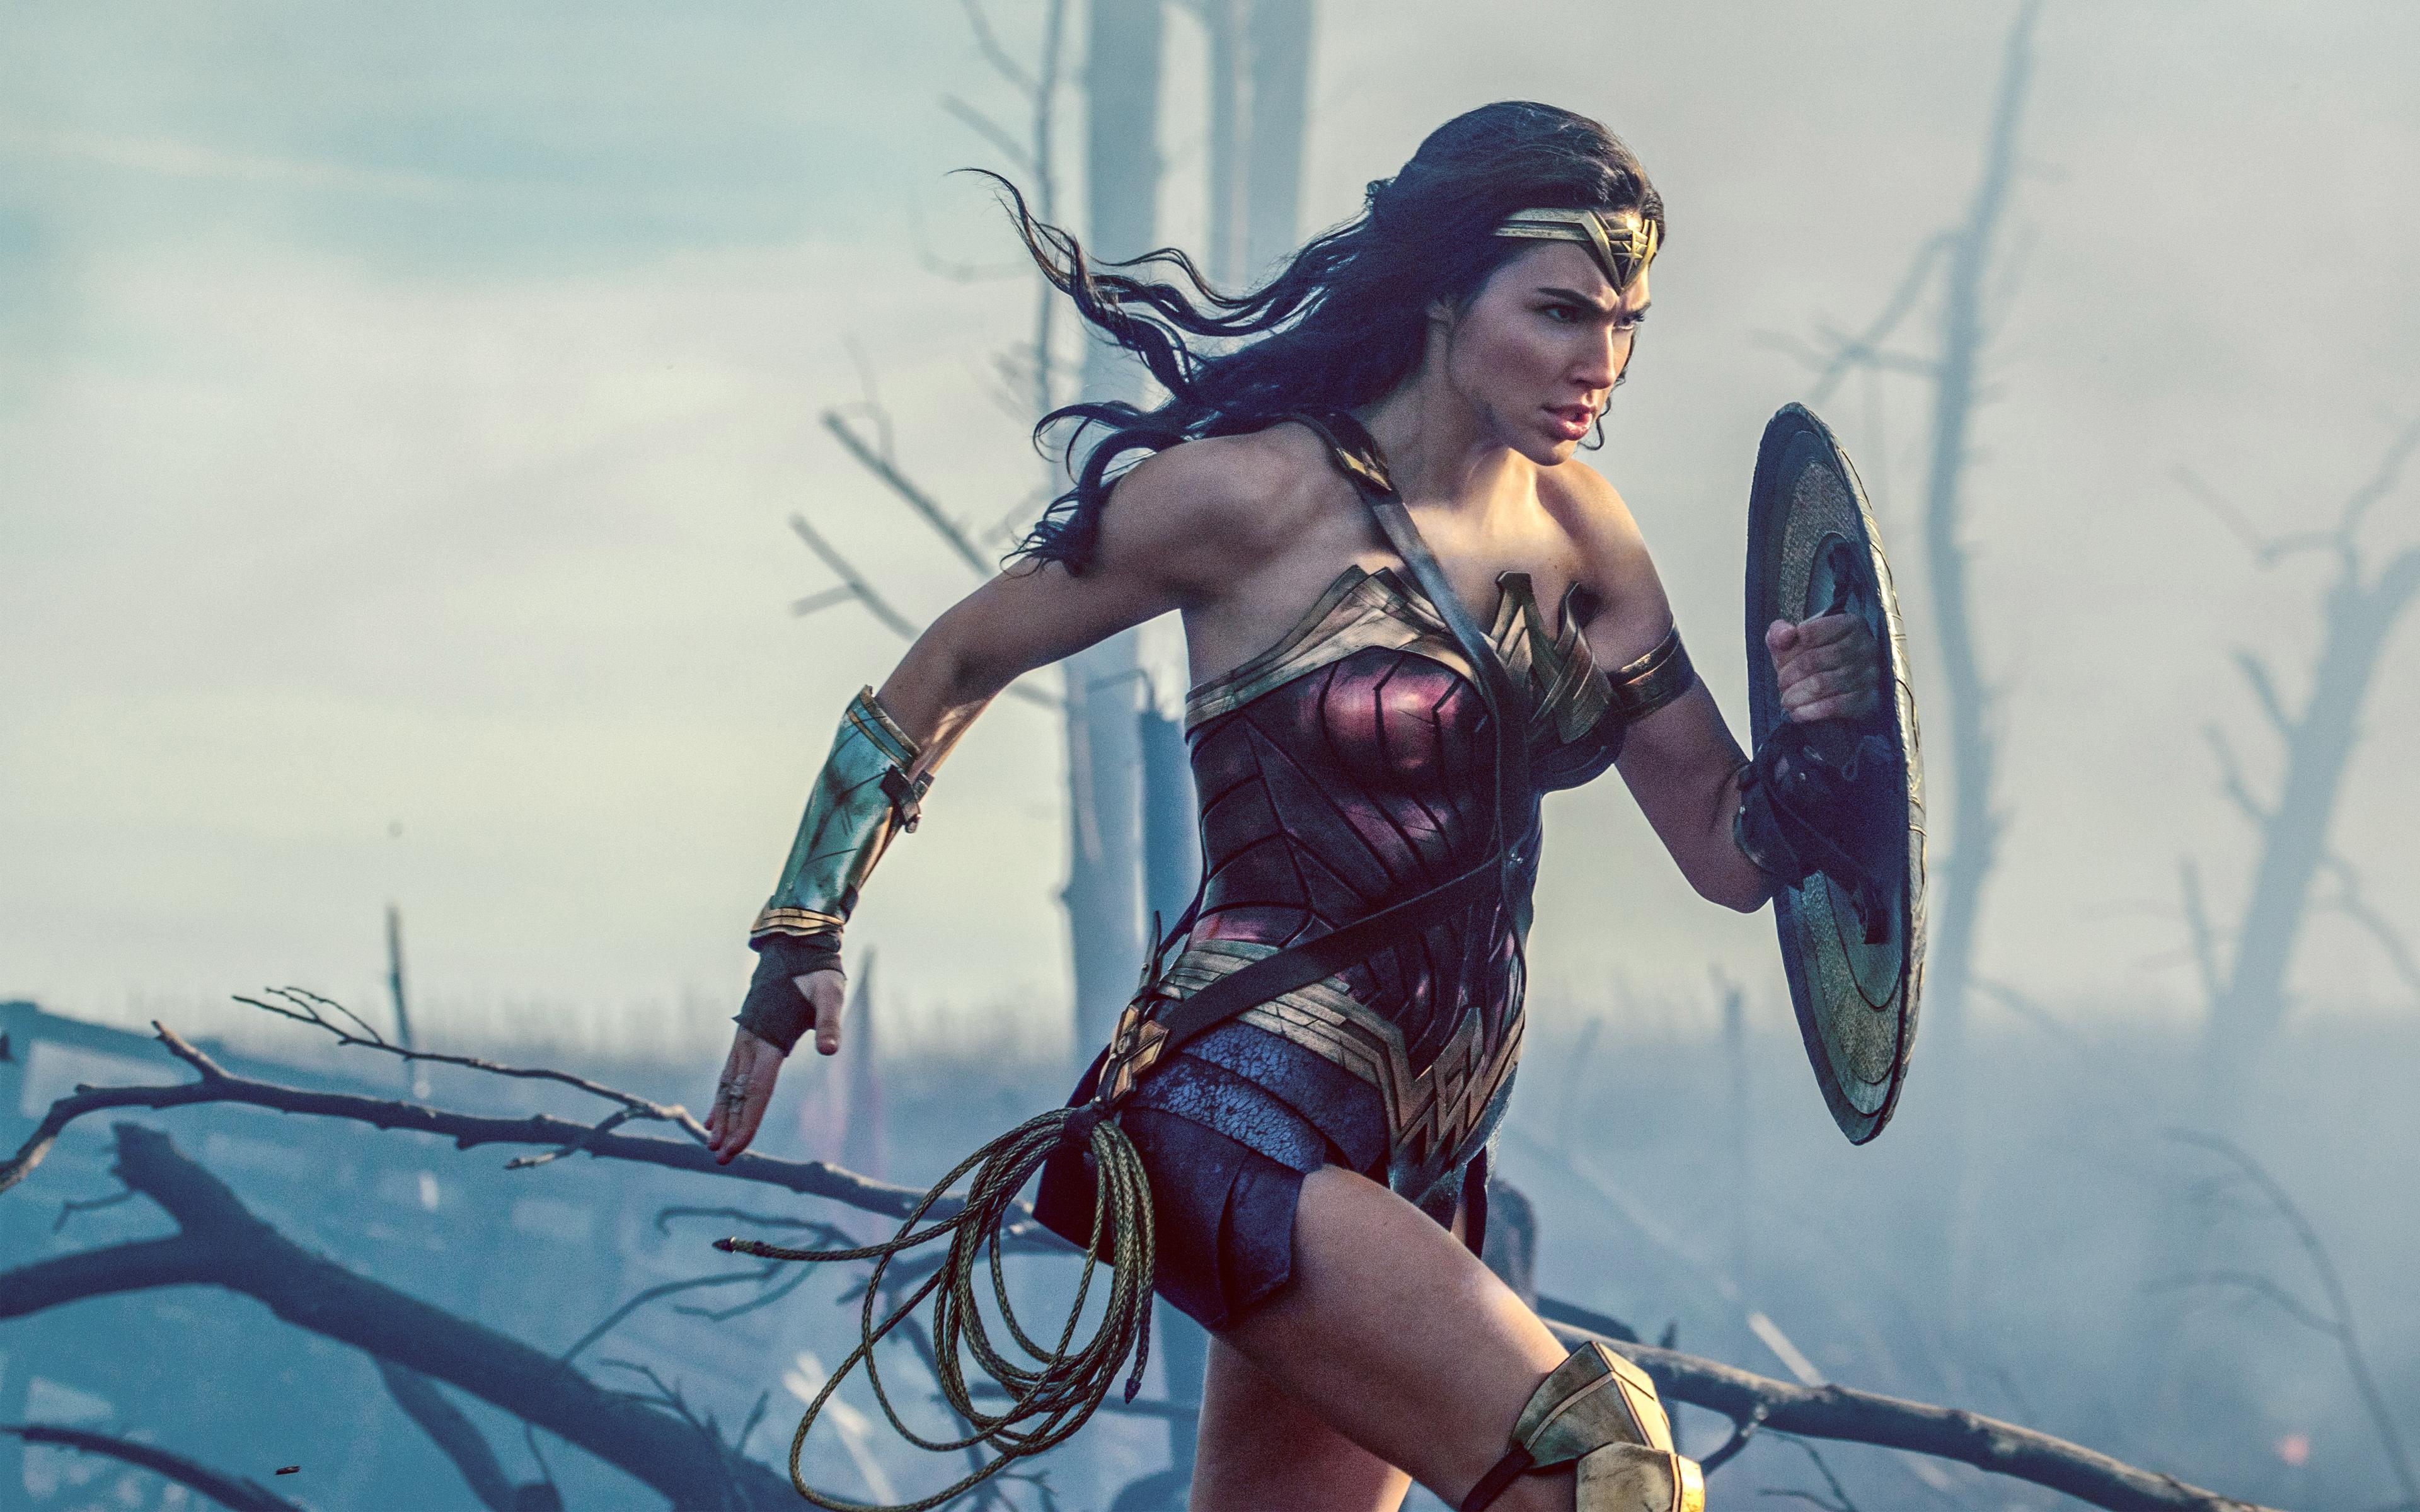 Wonder woman hd. обои скачать